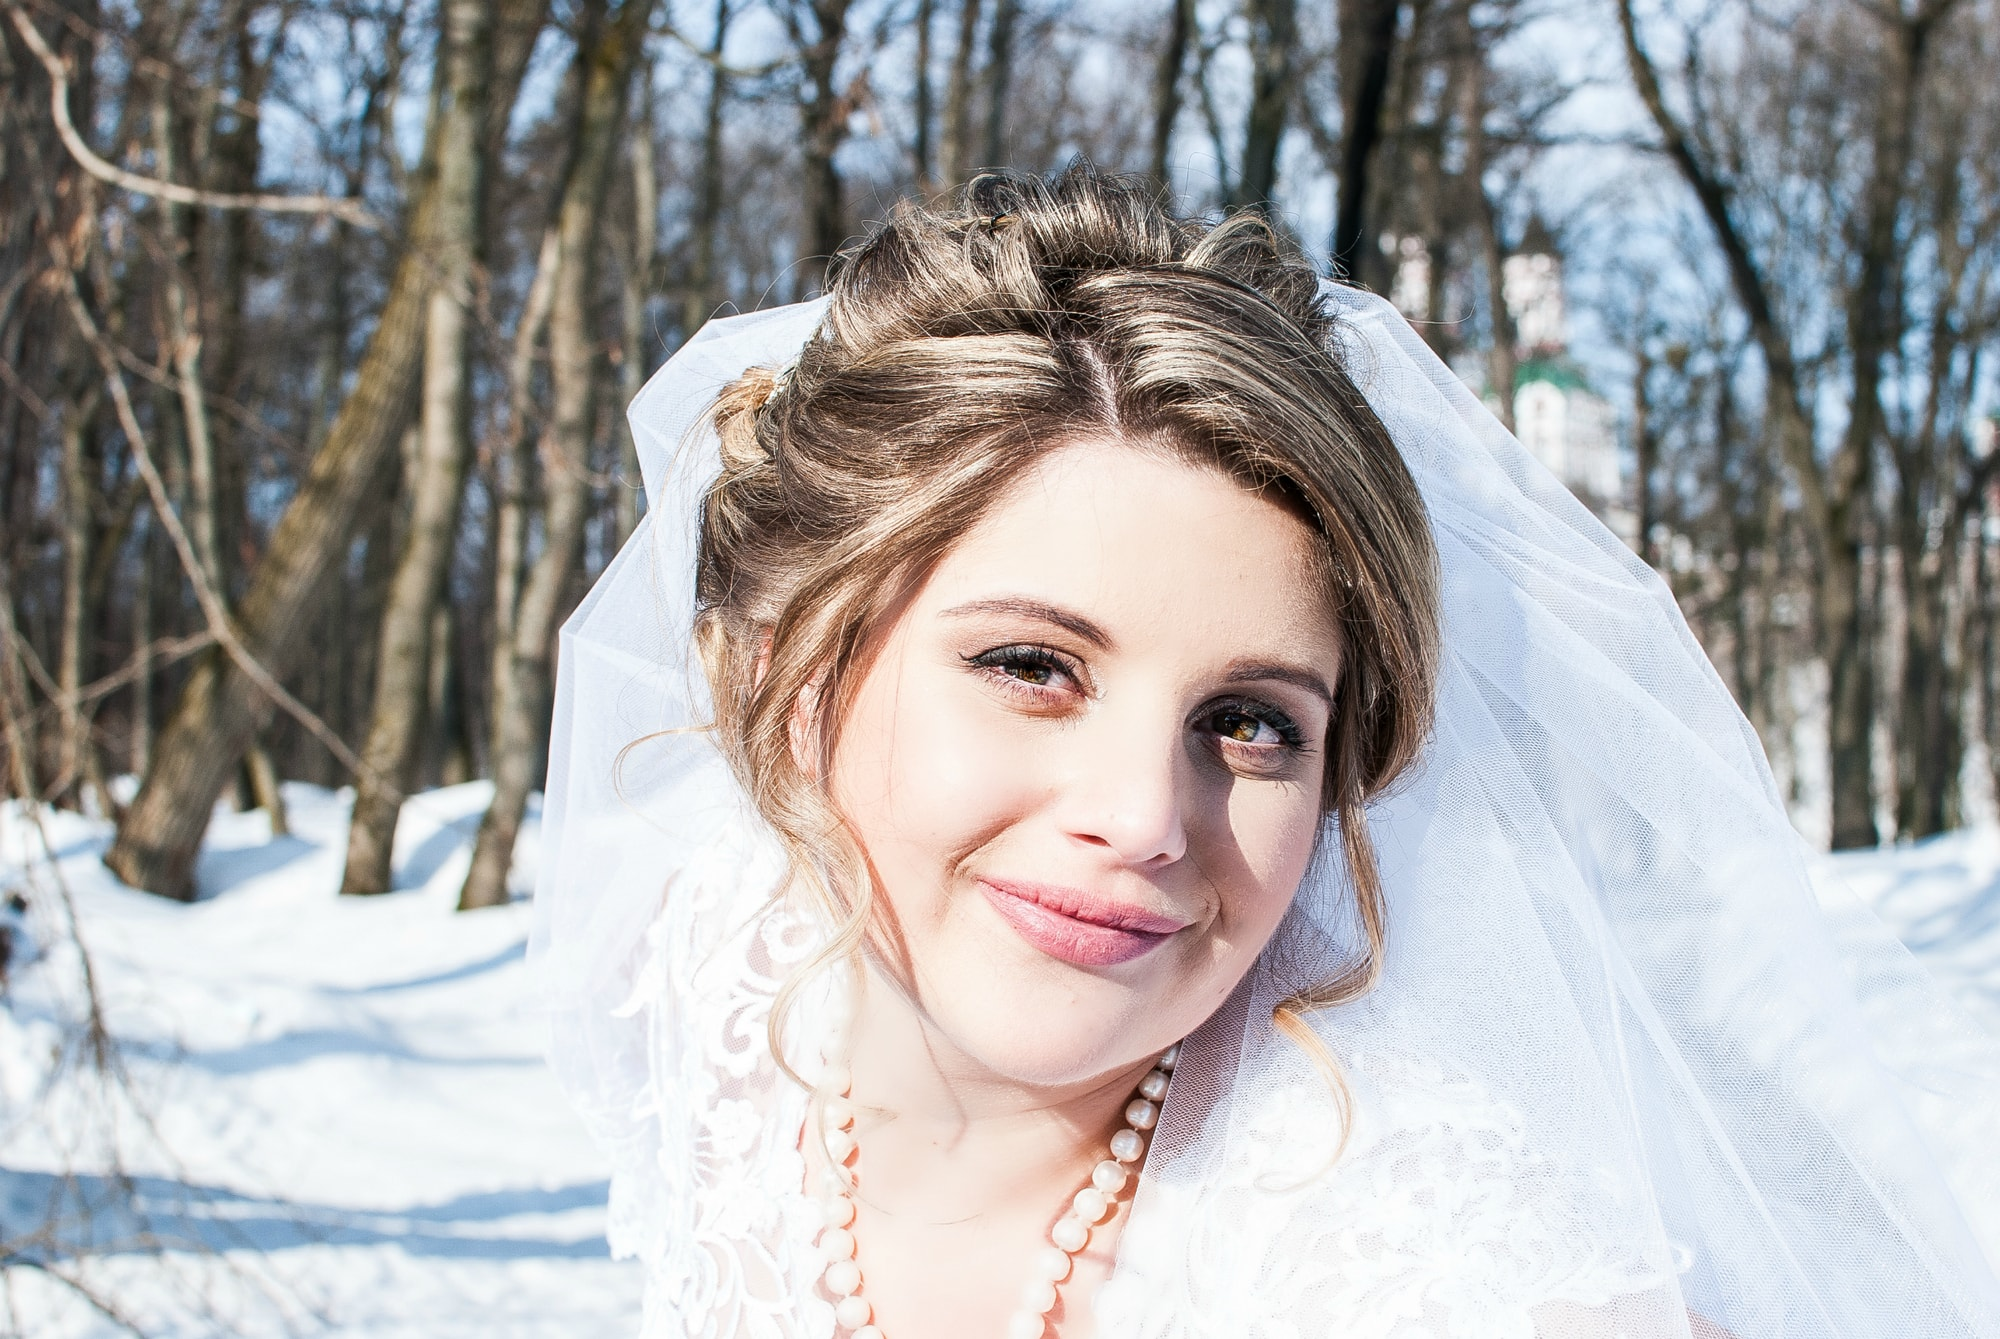 Фотография невесты в марте - Фотограф Женя Лайт